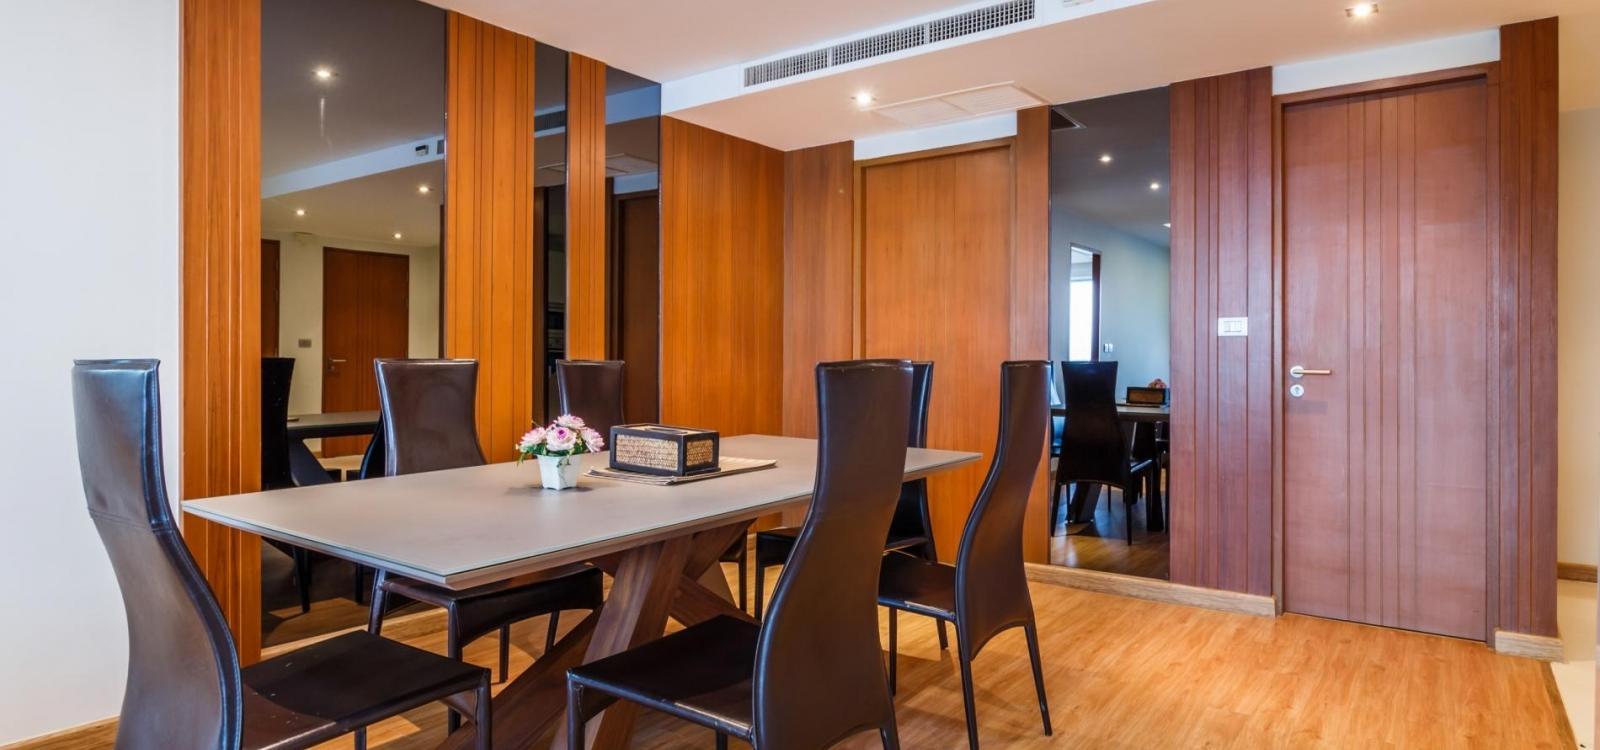 Privilege12 - Seaview 3 bedroom luxury apartment on Kalim bay